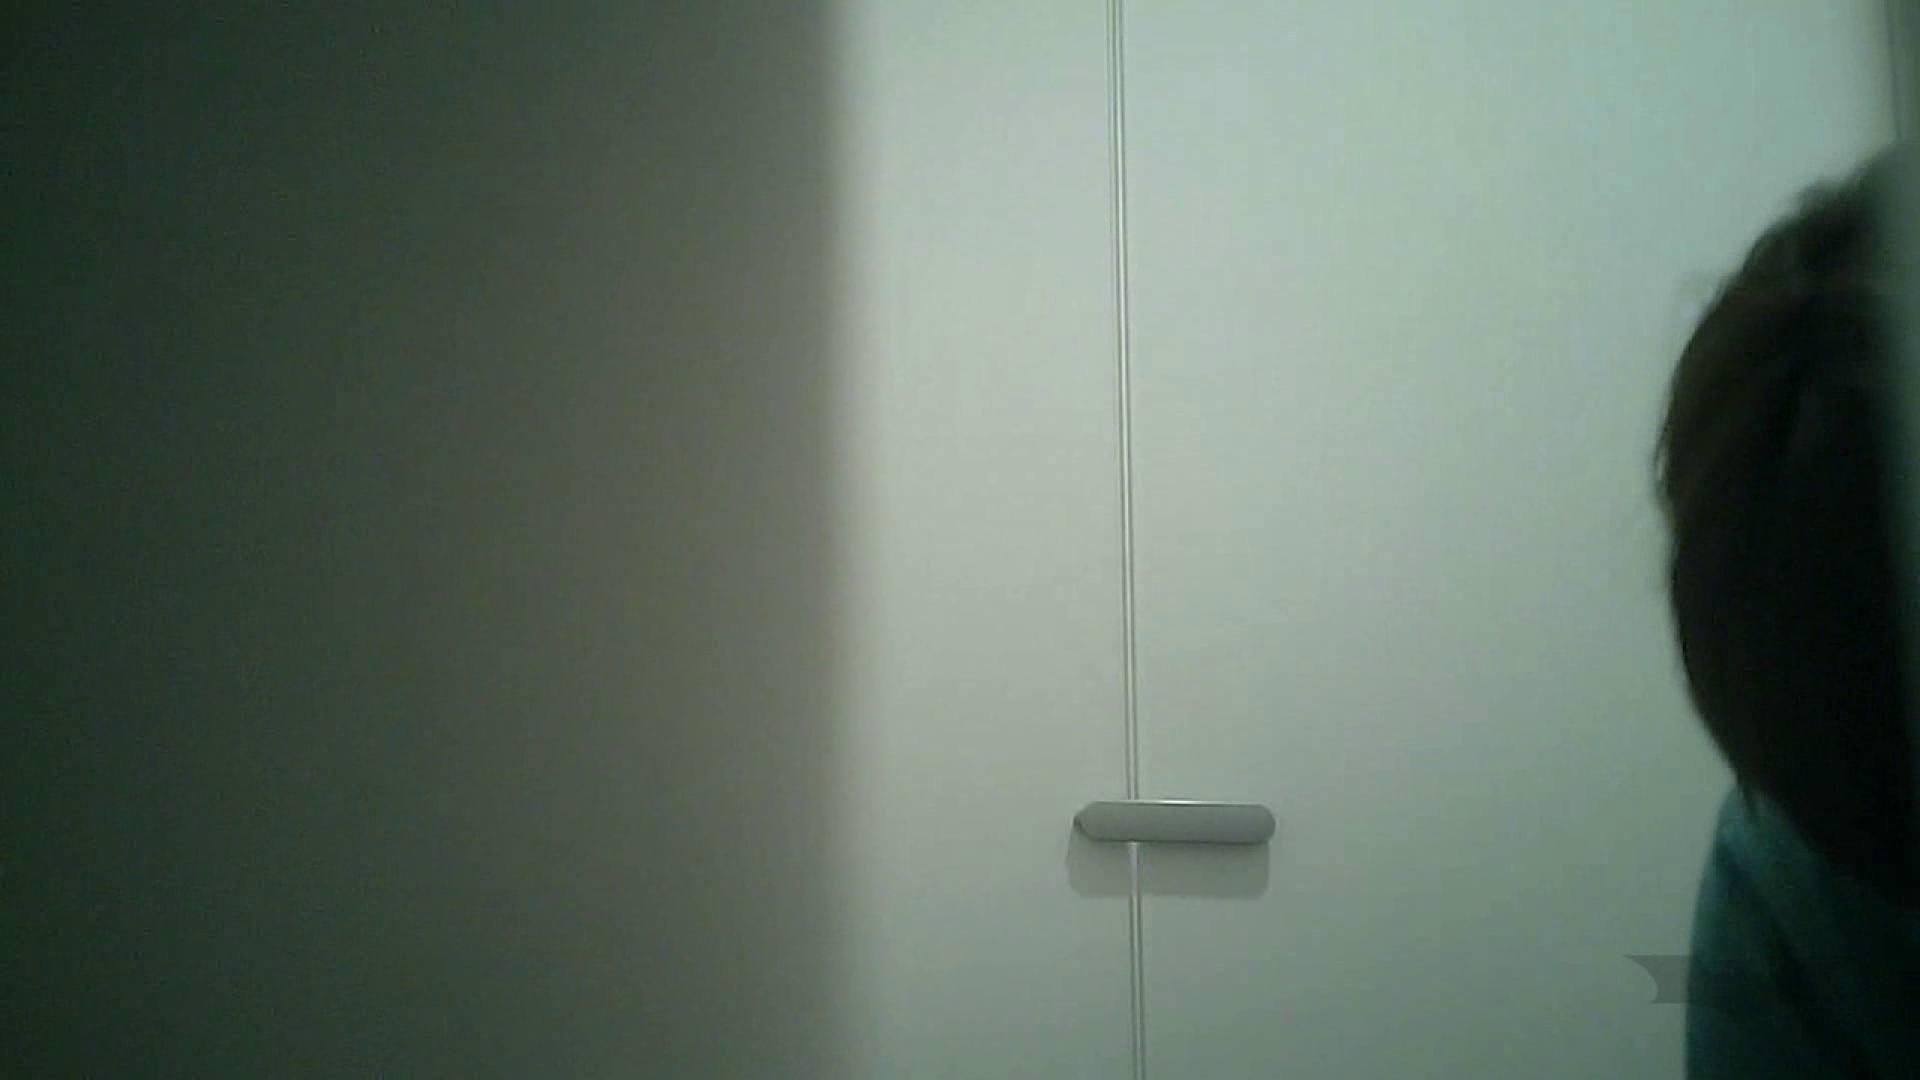 有名大学女性洗面所 vol.36 すっごい「ほじって」ます。 和式 ワレメ動画紹介 44pic 34